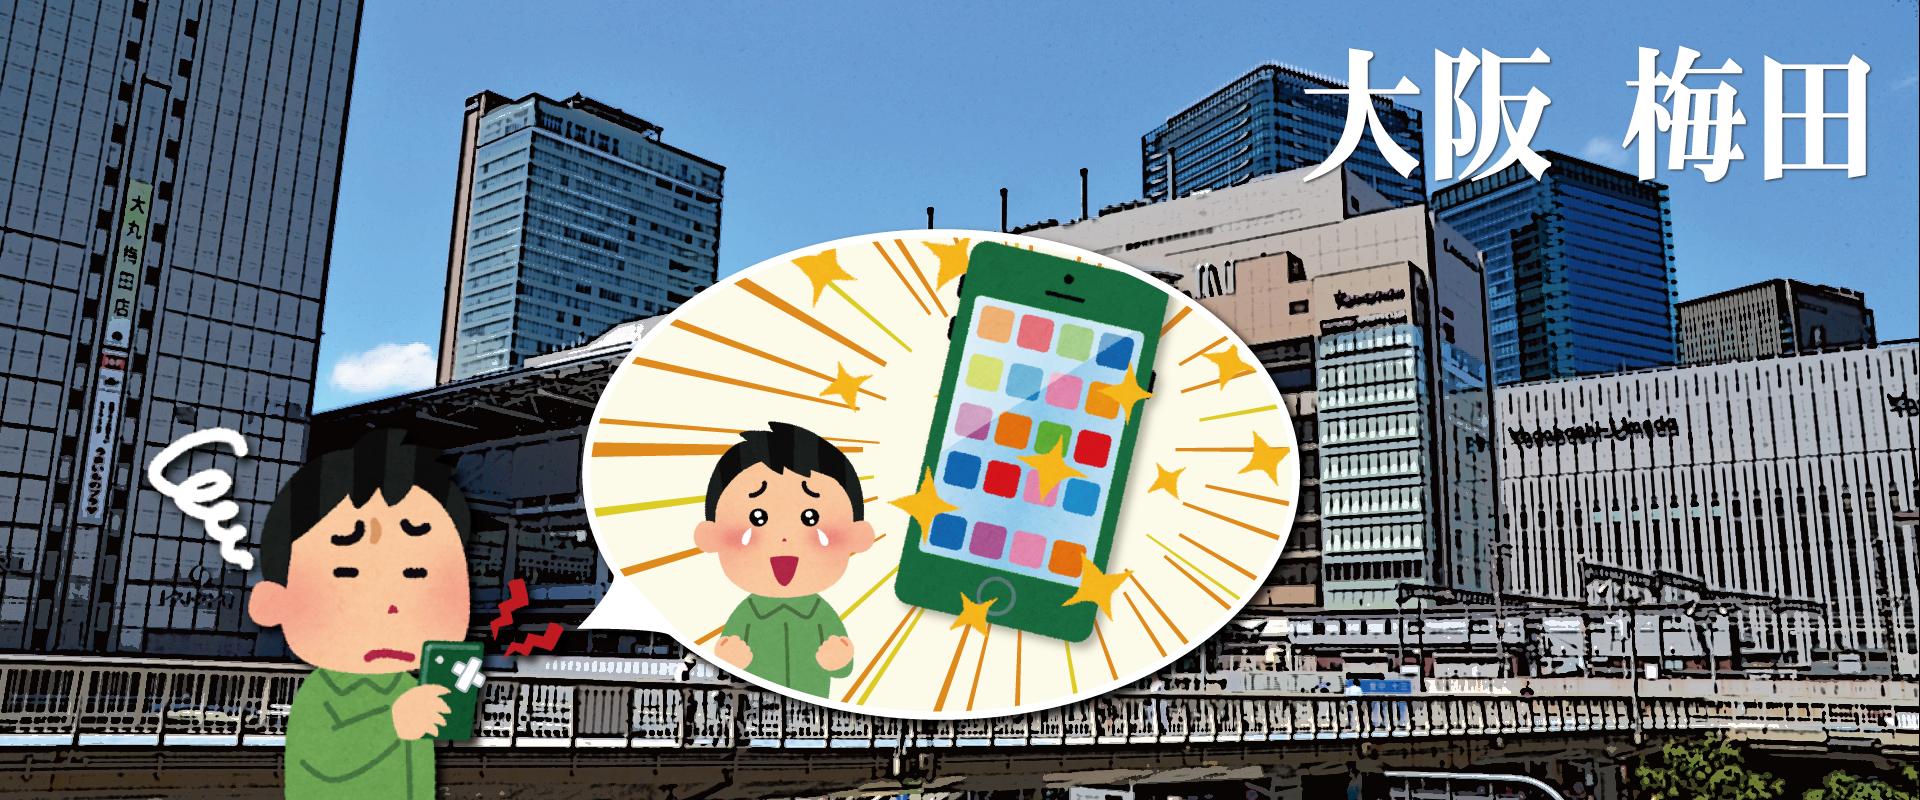 修理品質、評価・口コミを徹底紹介…梅田で評判のiPhone修理店まとめ5選!